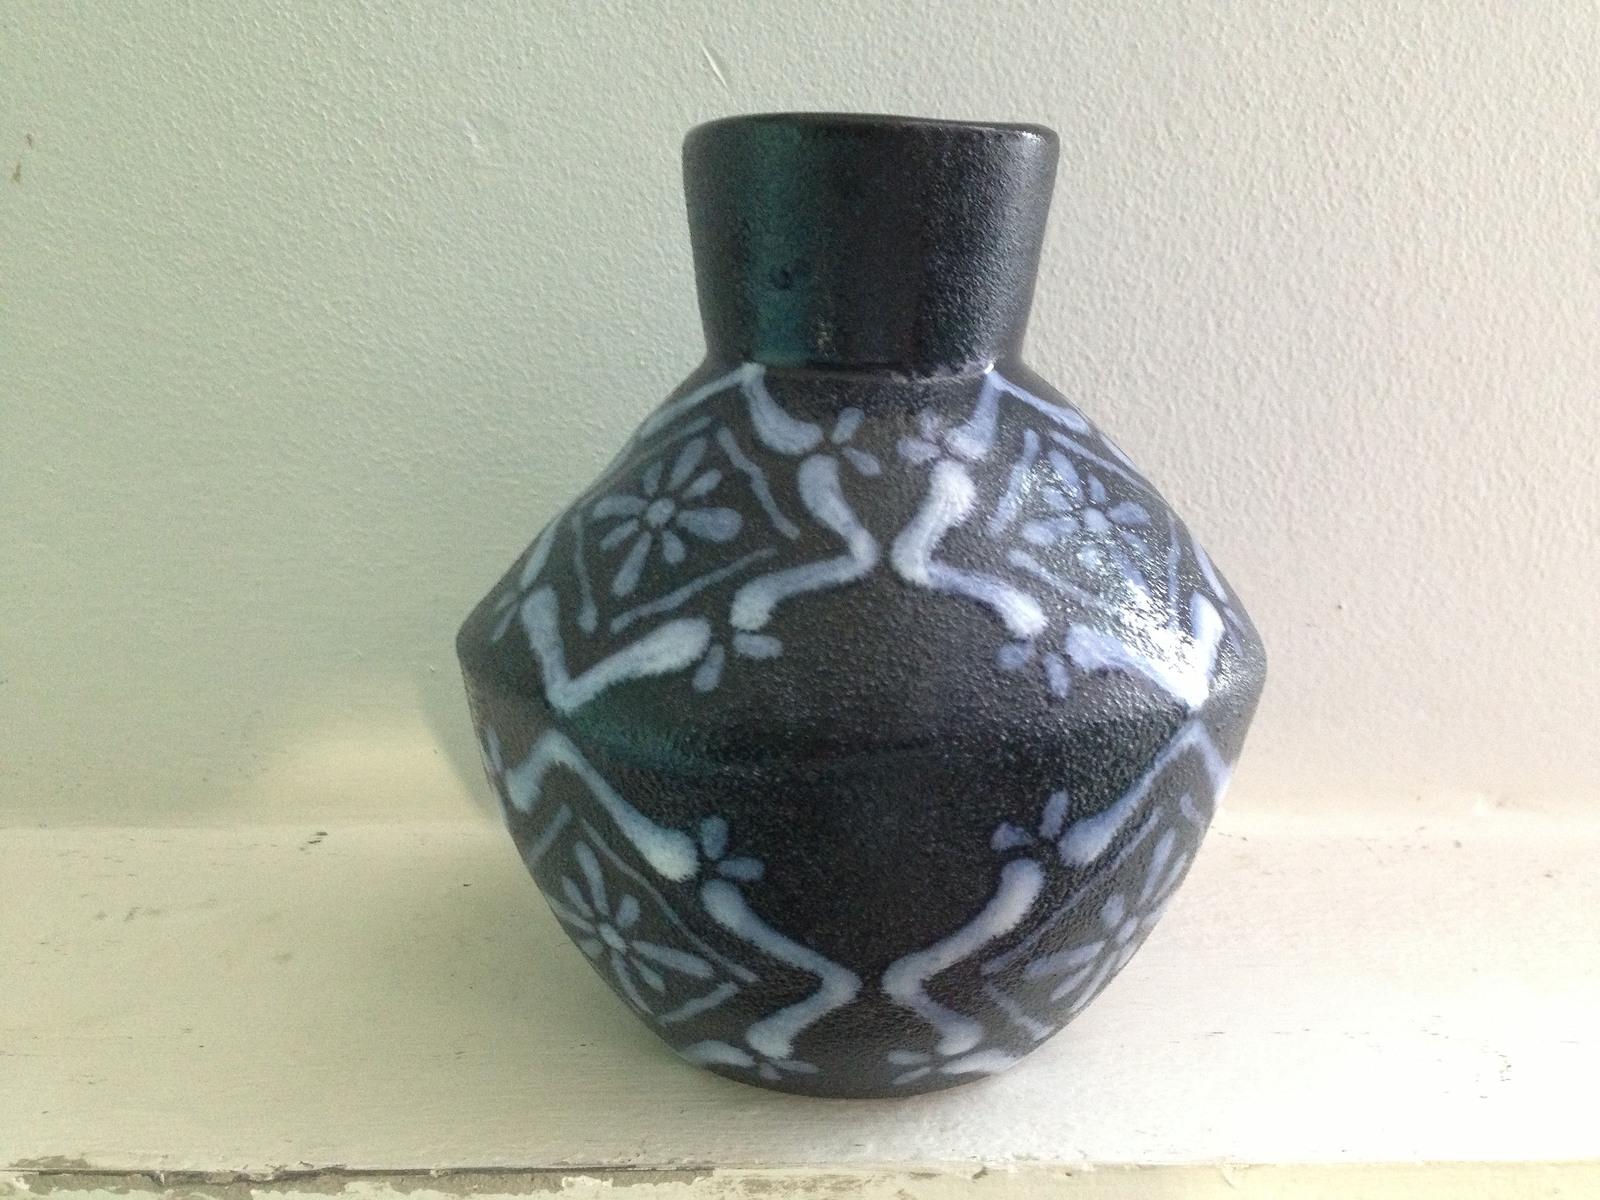 Cobalt blue vase gift glaze ceramic rustic large